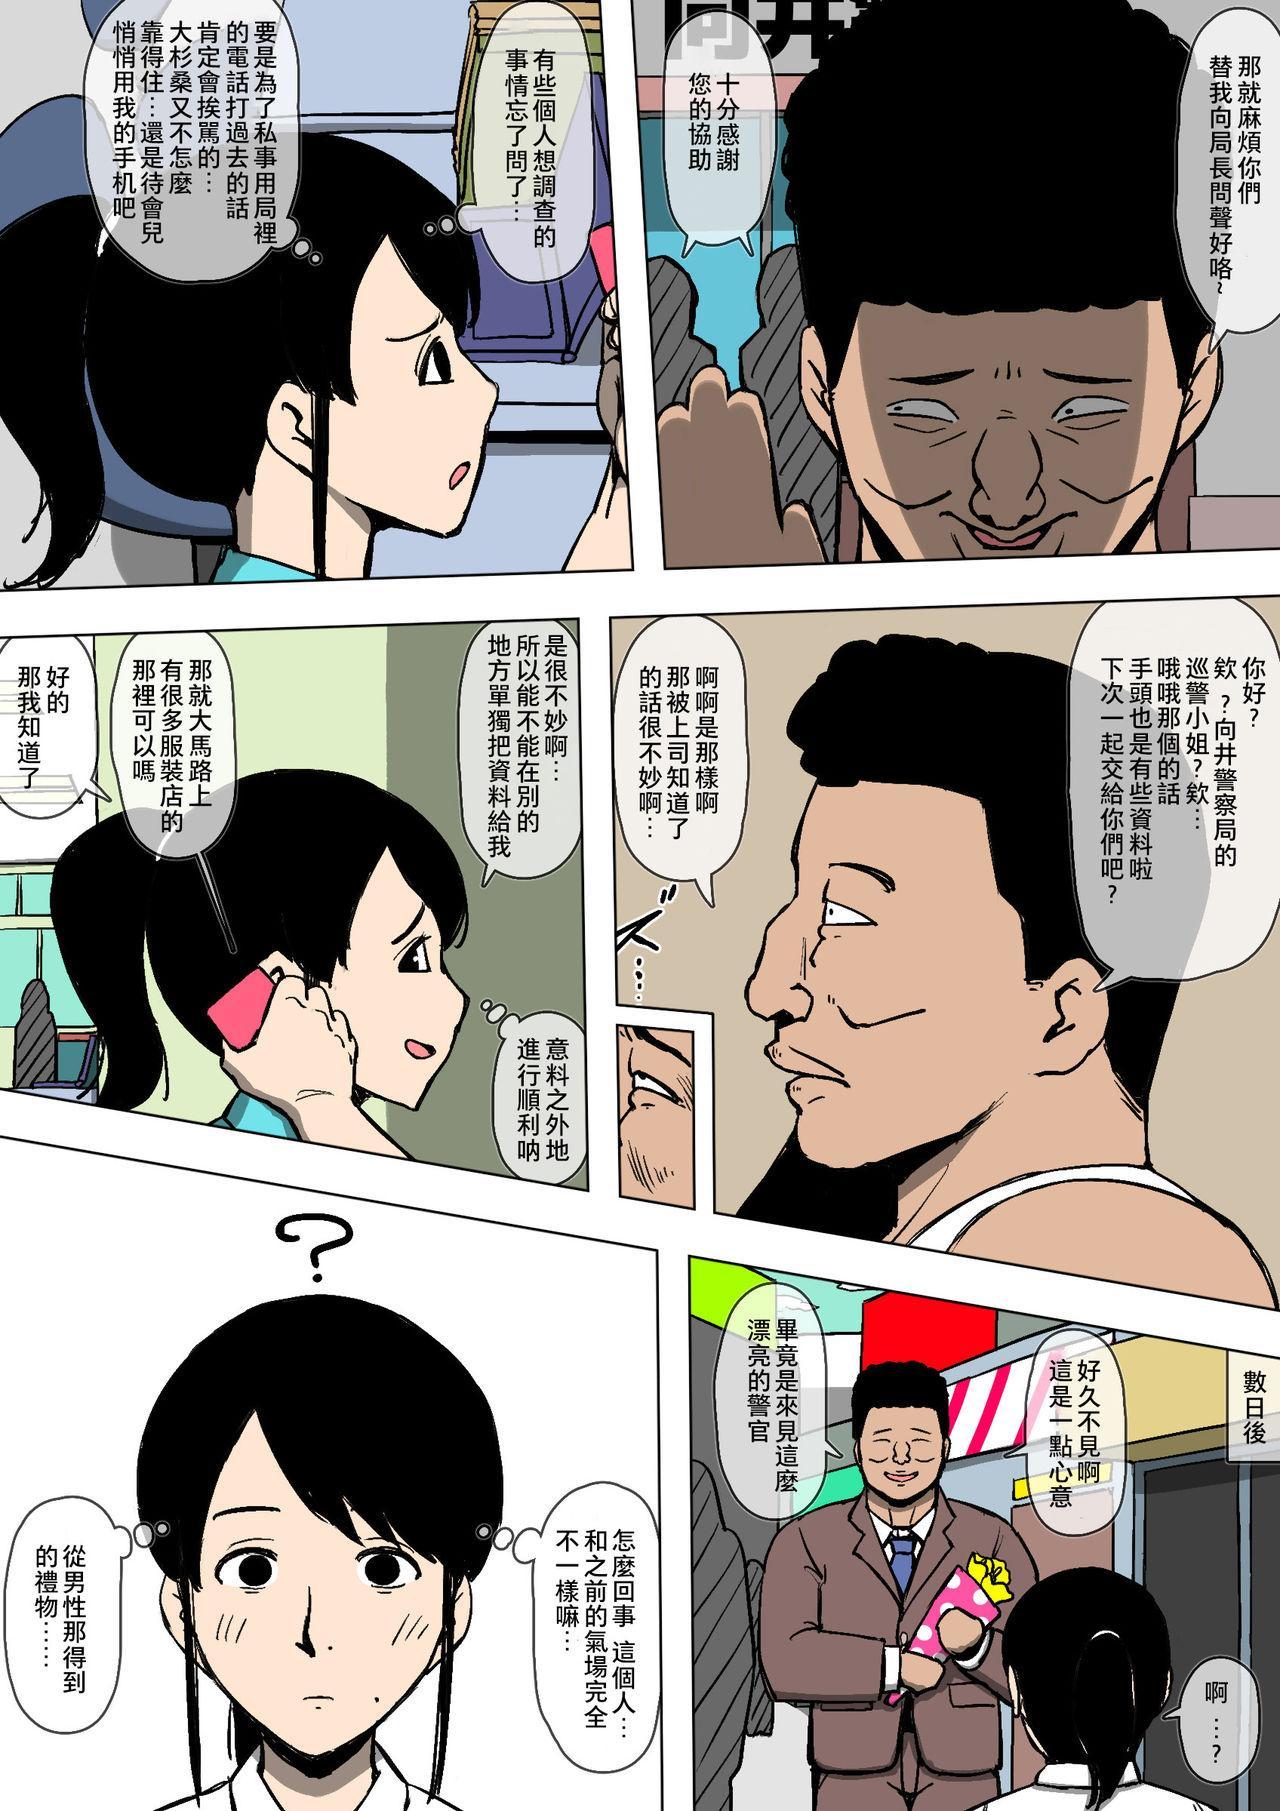 Josei Junsa ga Bouryokudan to Kousai Shite Ita 3